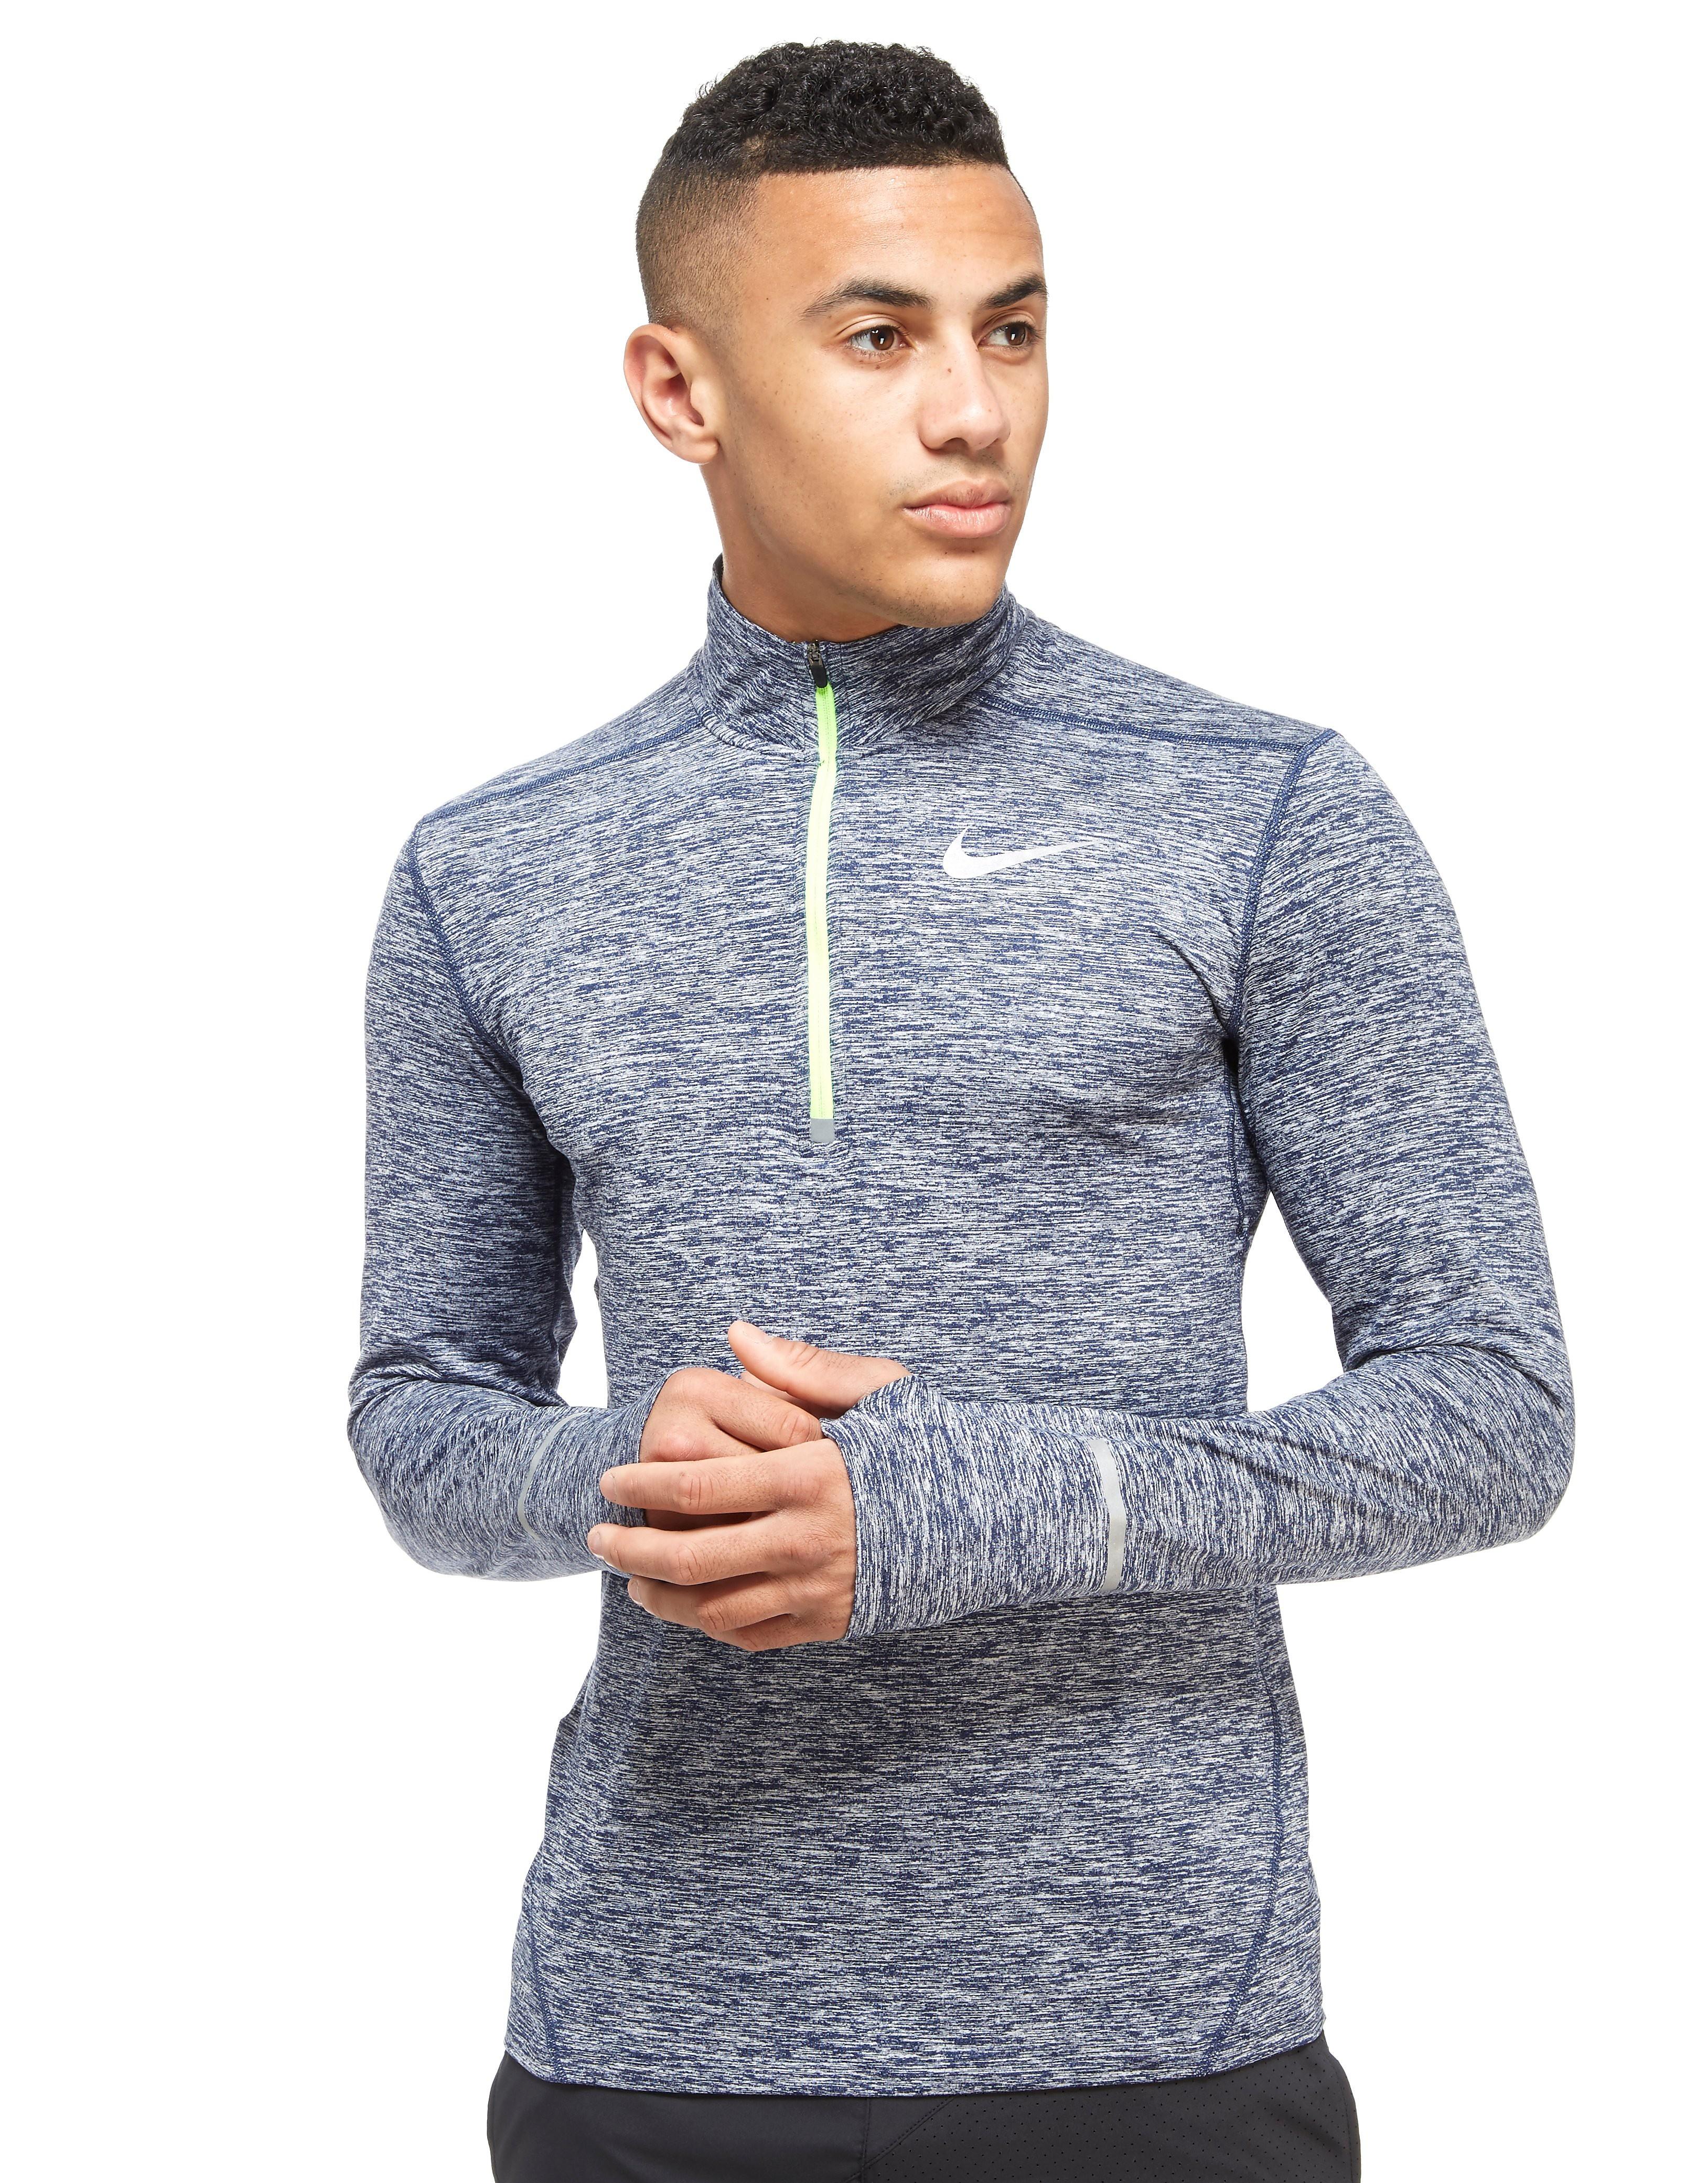 Nike Element Half Zip Top